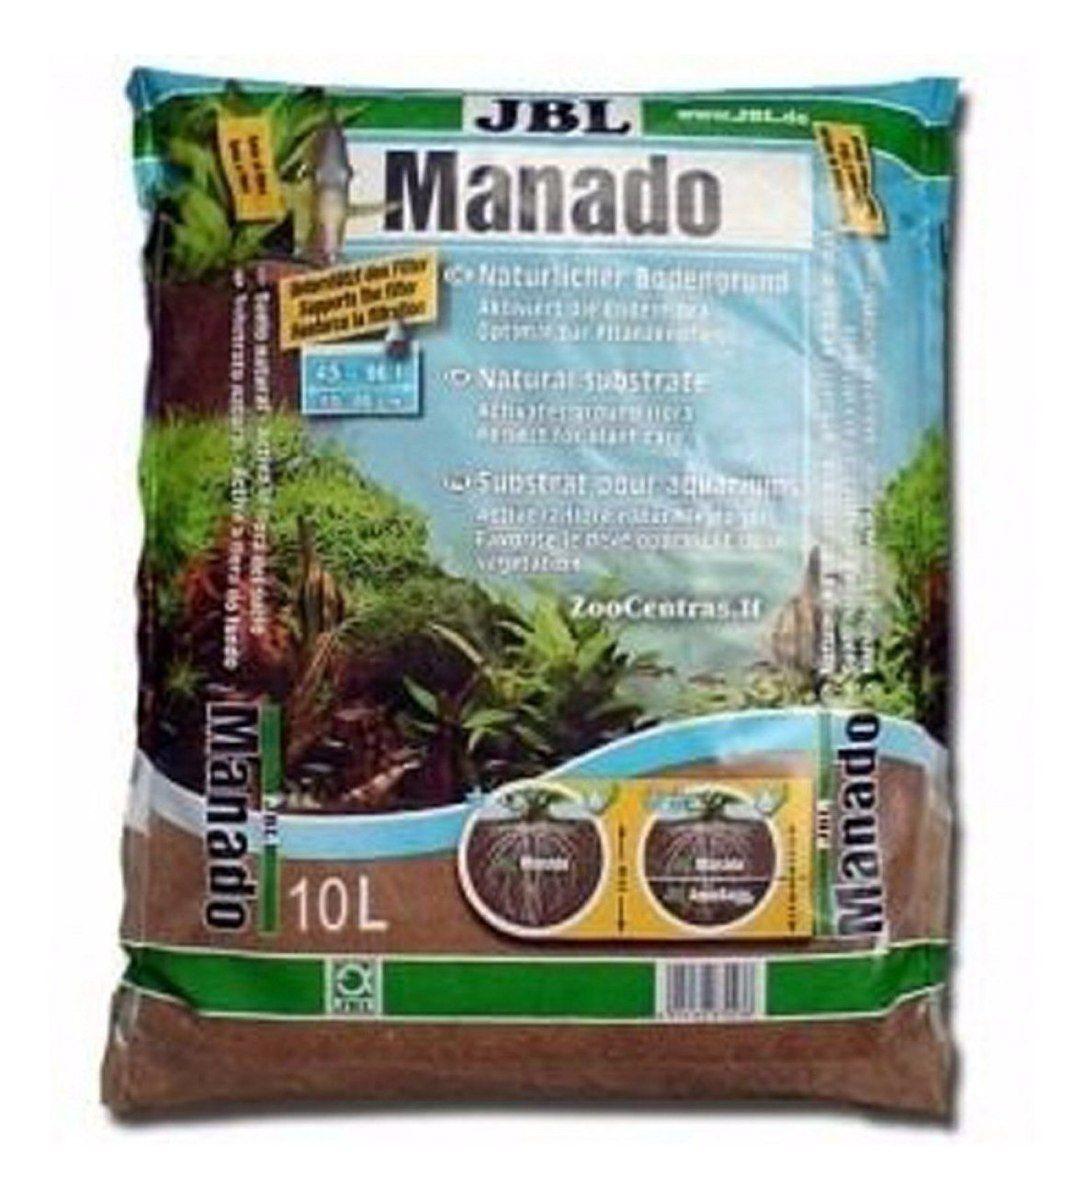 Substrato Fértil Jbl Manado 10 Litros P/ Aquários Plantados  - FISHPET Comércio de Acessórios para Animais Ltda.